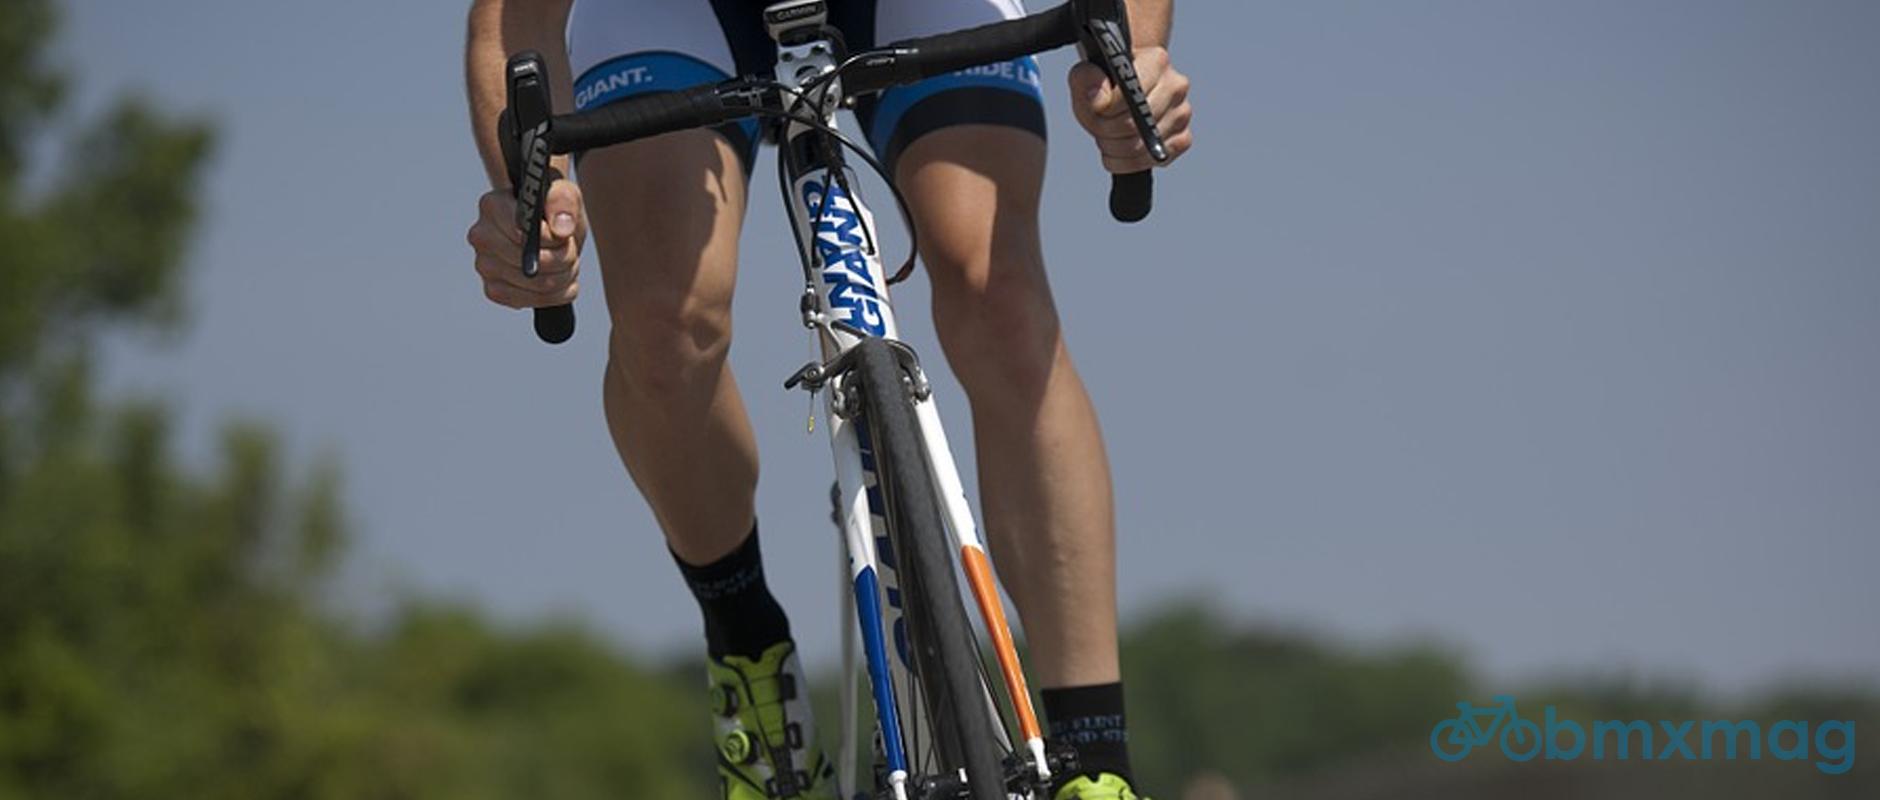 limage sélectionnée Cyclistes professionnels et amateurs ce qui les différencie - Cyclistes professionnels et amateurs : ce qui les différencie